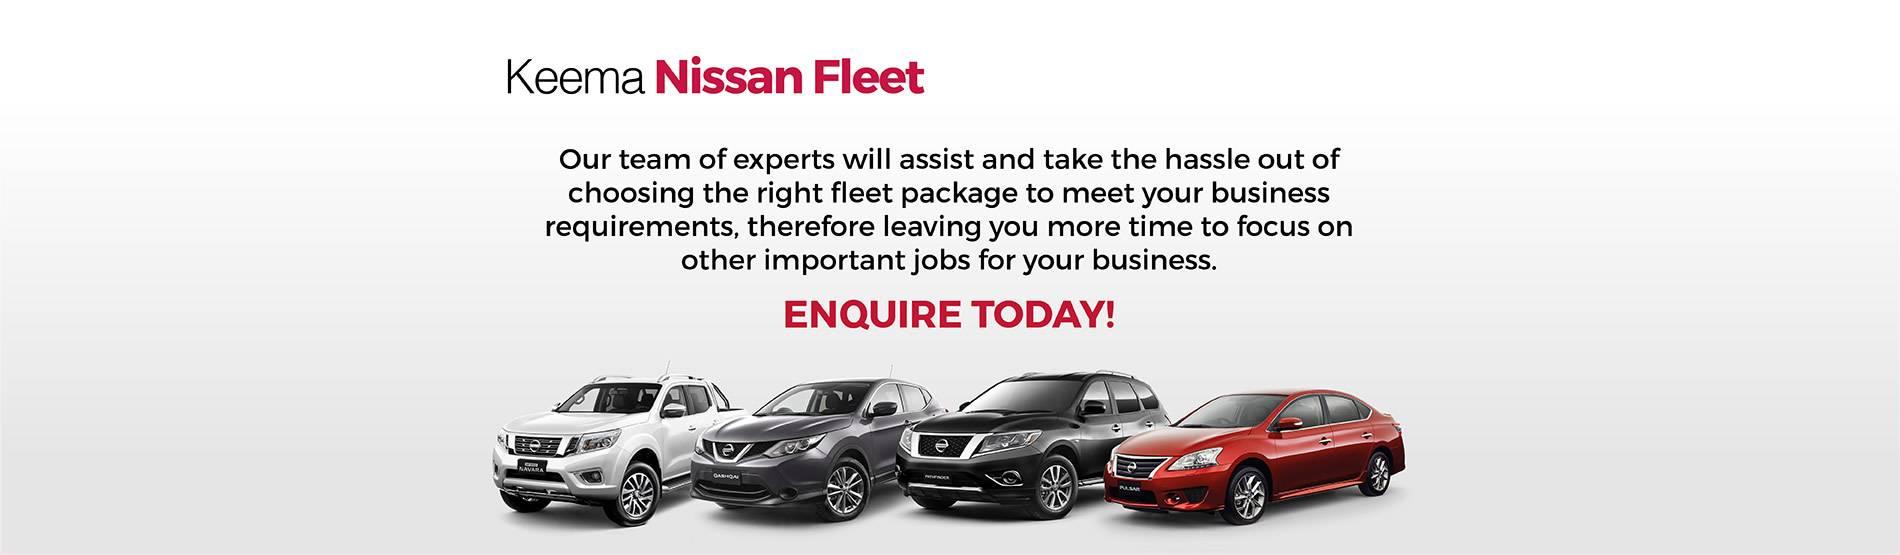 Keema Nissan